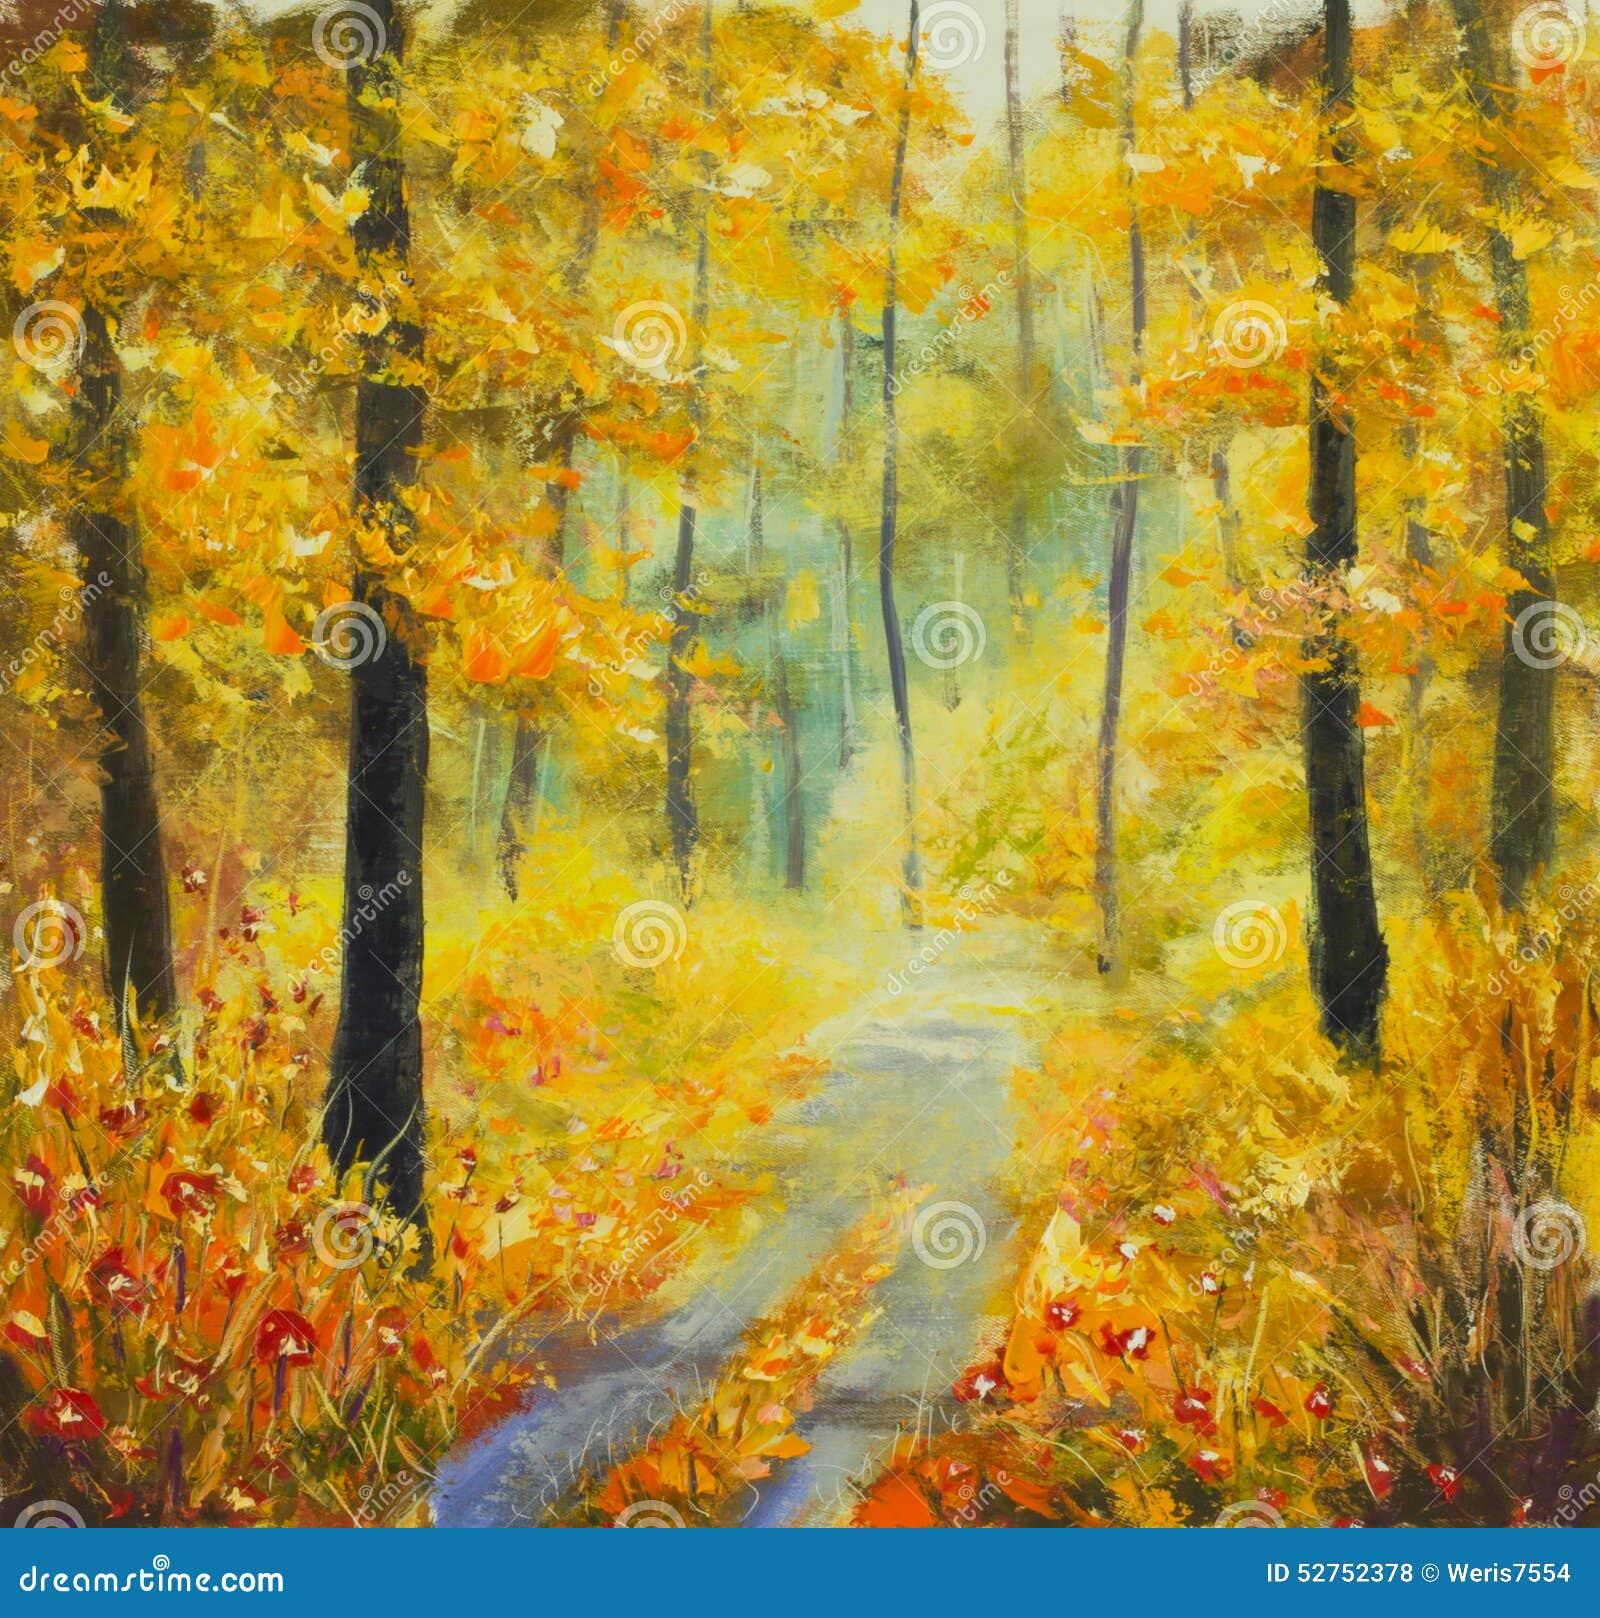 Paysage ensoleill original de for t de peinture l 39 huile belle route solaire dans les bois - Peinture a l huile sur bois ...